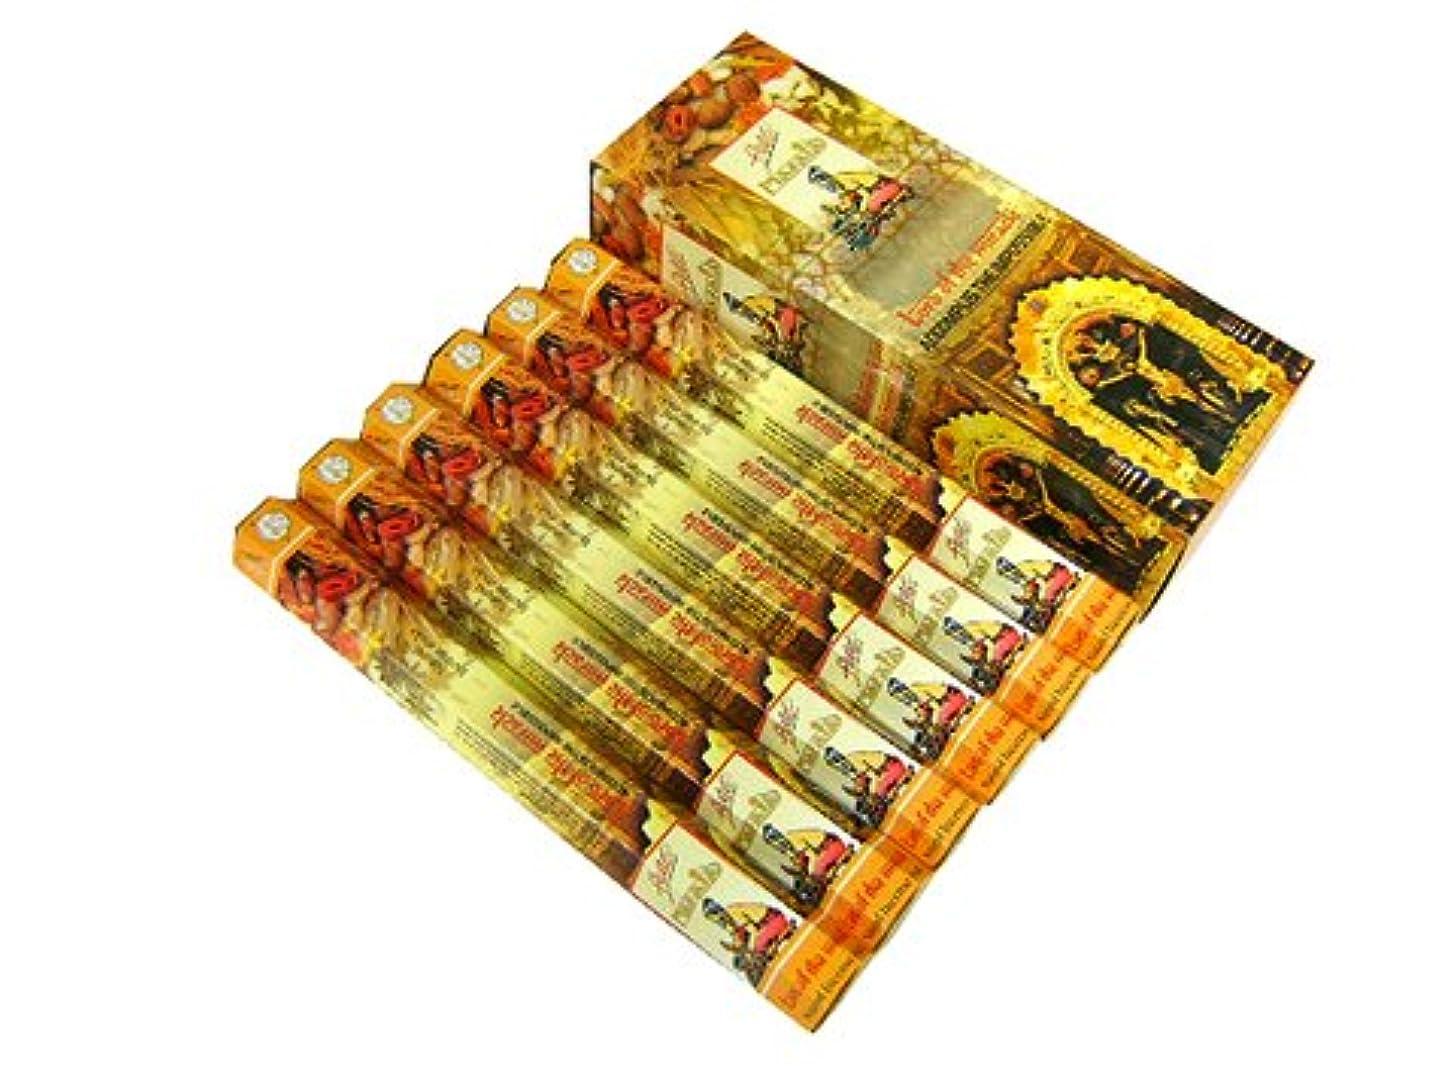 飾り羽水曜日ビリーFLUTE(フルート) ロードオブミラクル香 スティック マサラタイプ MASALA-LORD OF MIRACLE 6箱セット